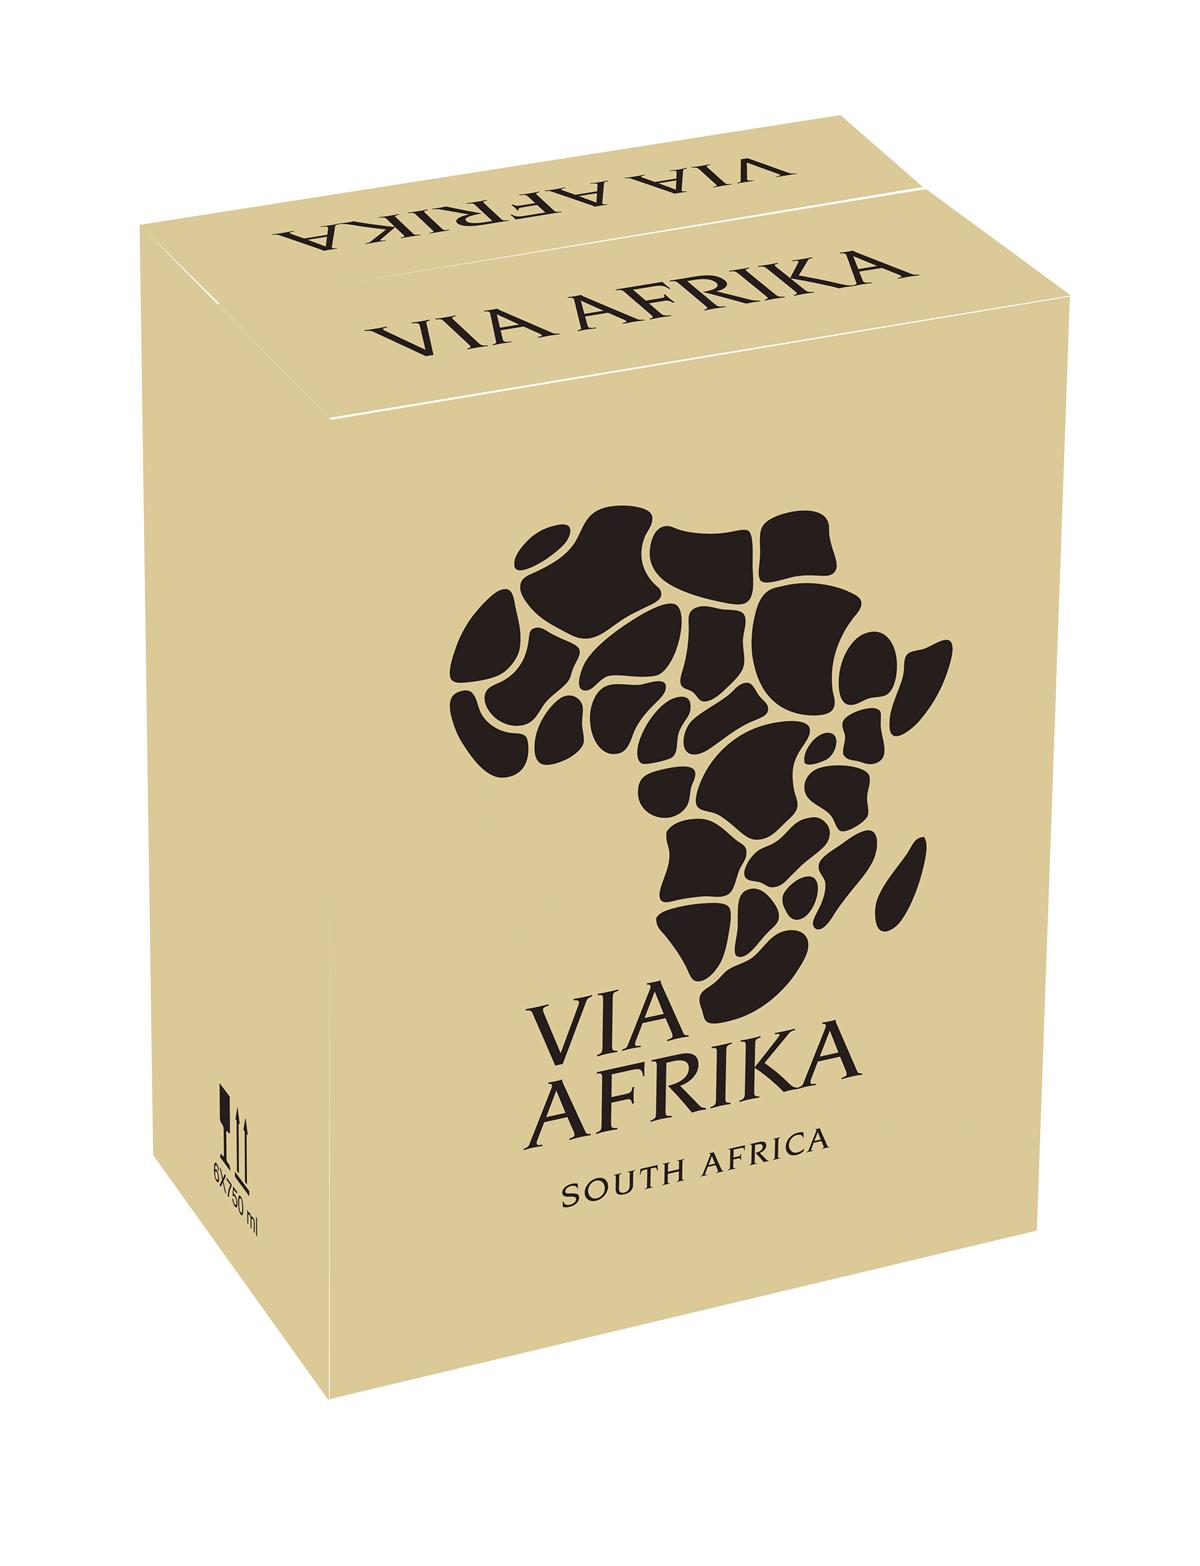 南非西开普猎豹酒庄穿越非洲霞多丽白诗南干白葡萄酒